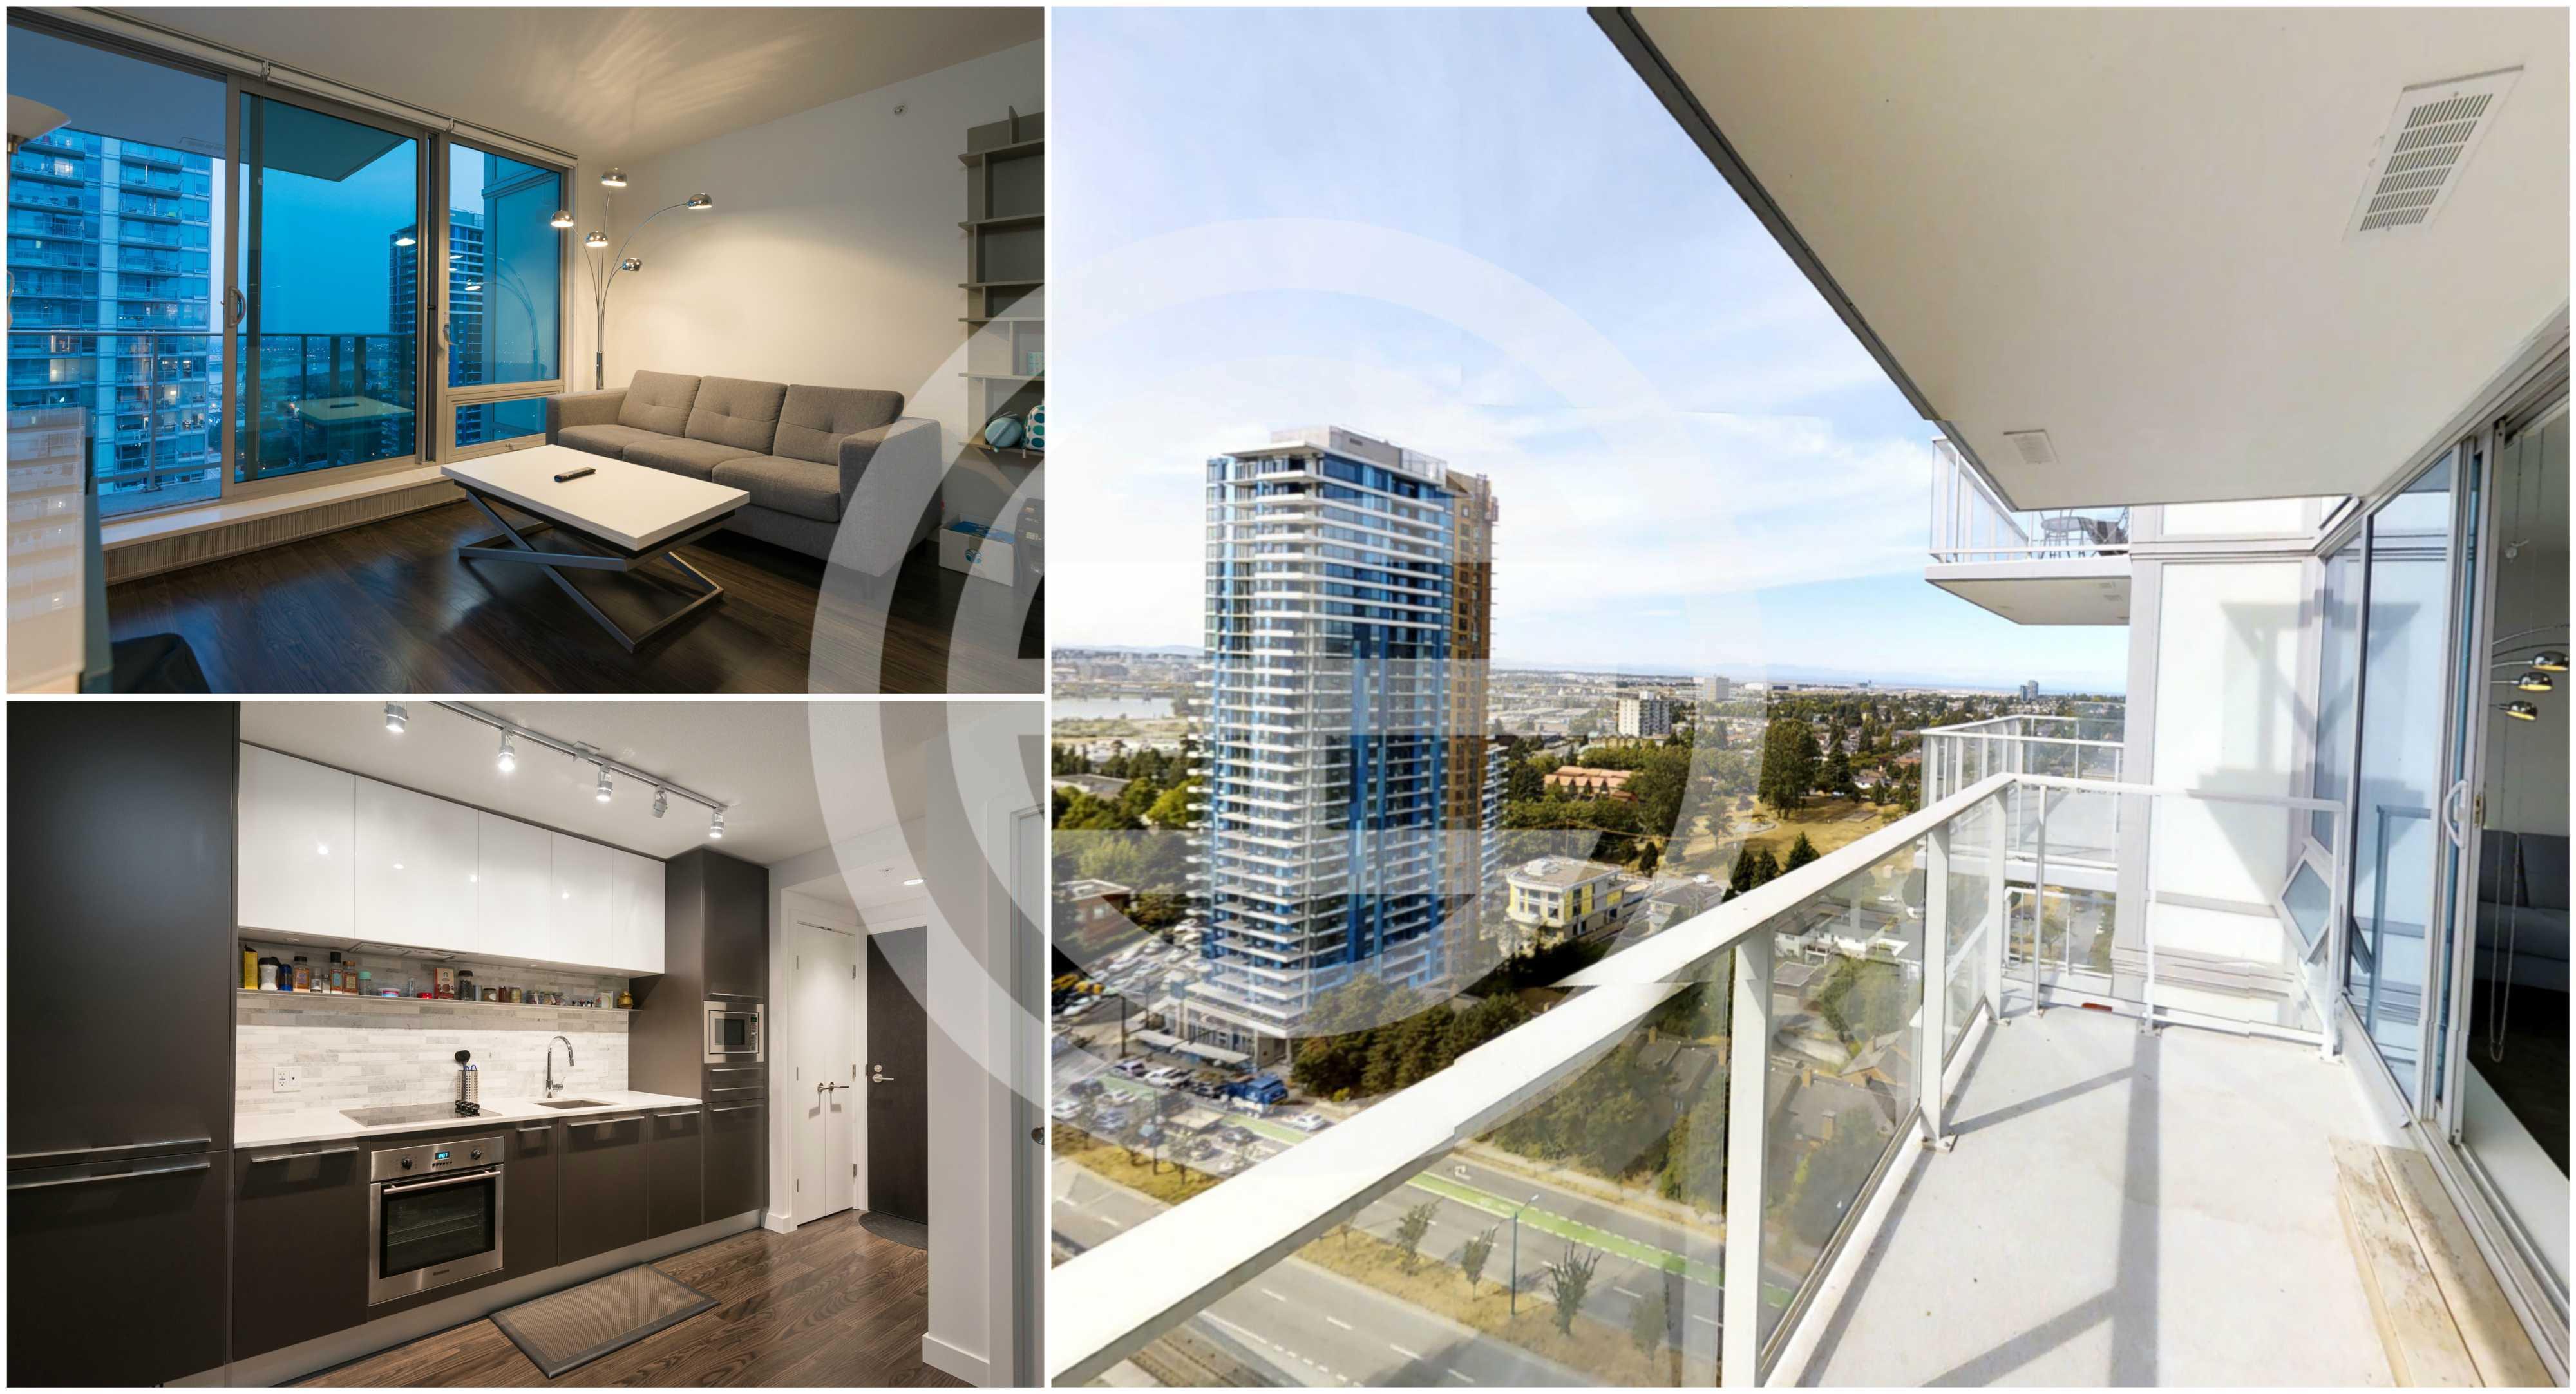 加拿大房贷新政正式生效,预计公寓将面临更大的需求量。图为居外网上出售的温哥华1卧1卫全新公寓,带高端装修